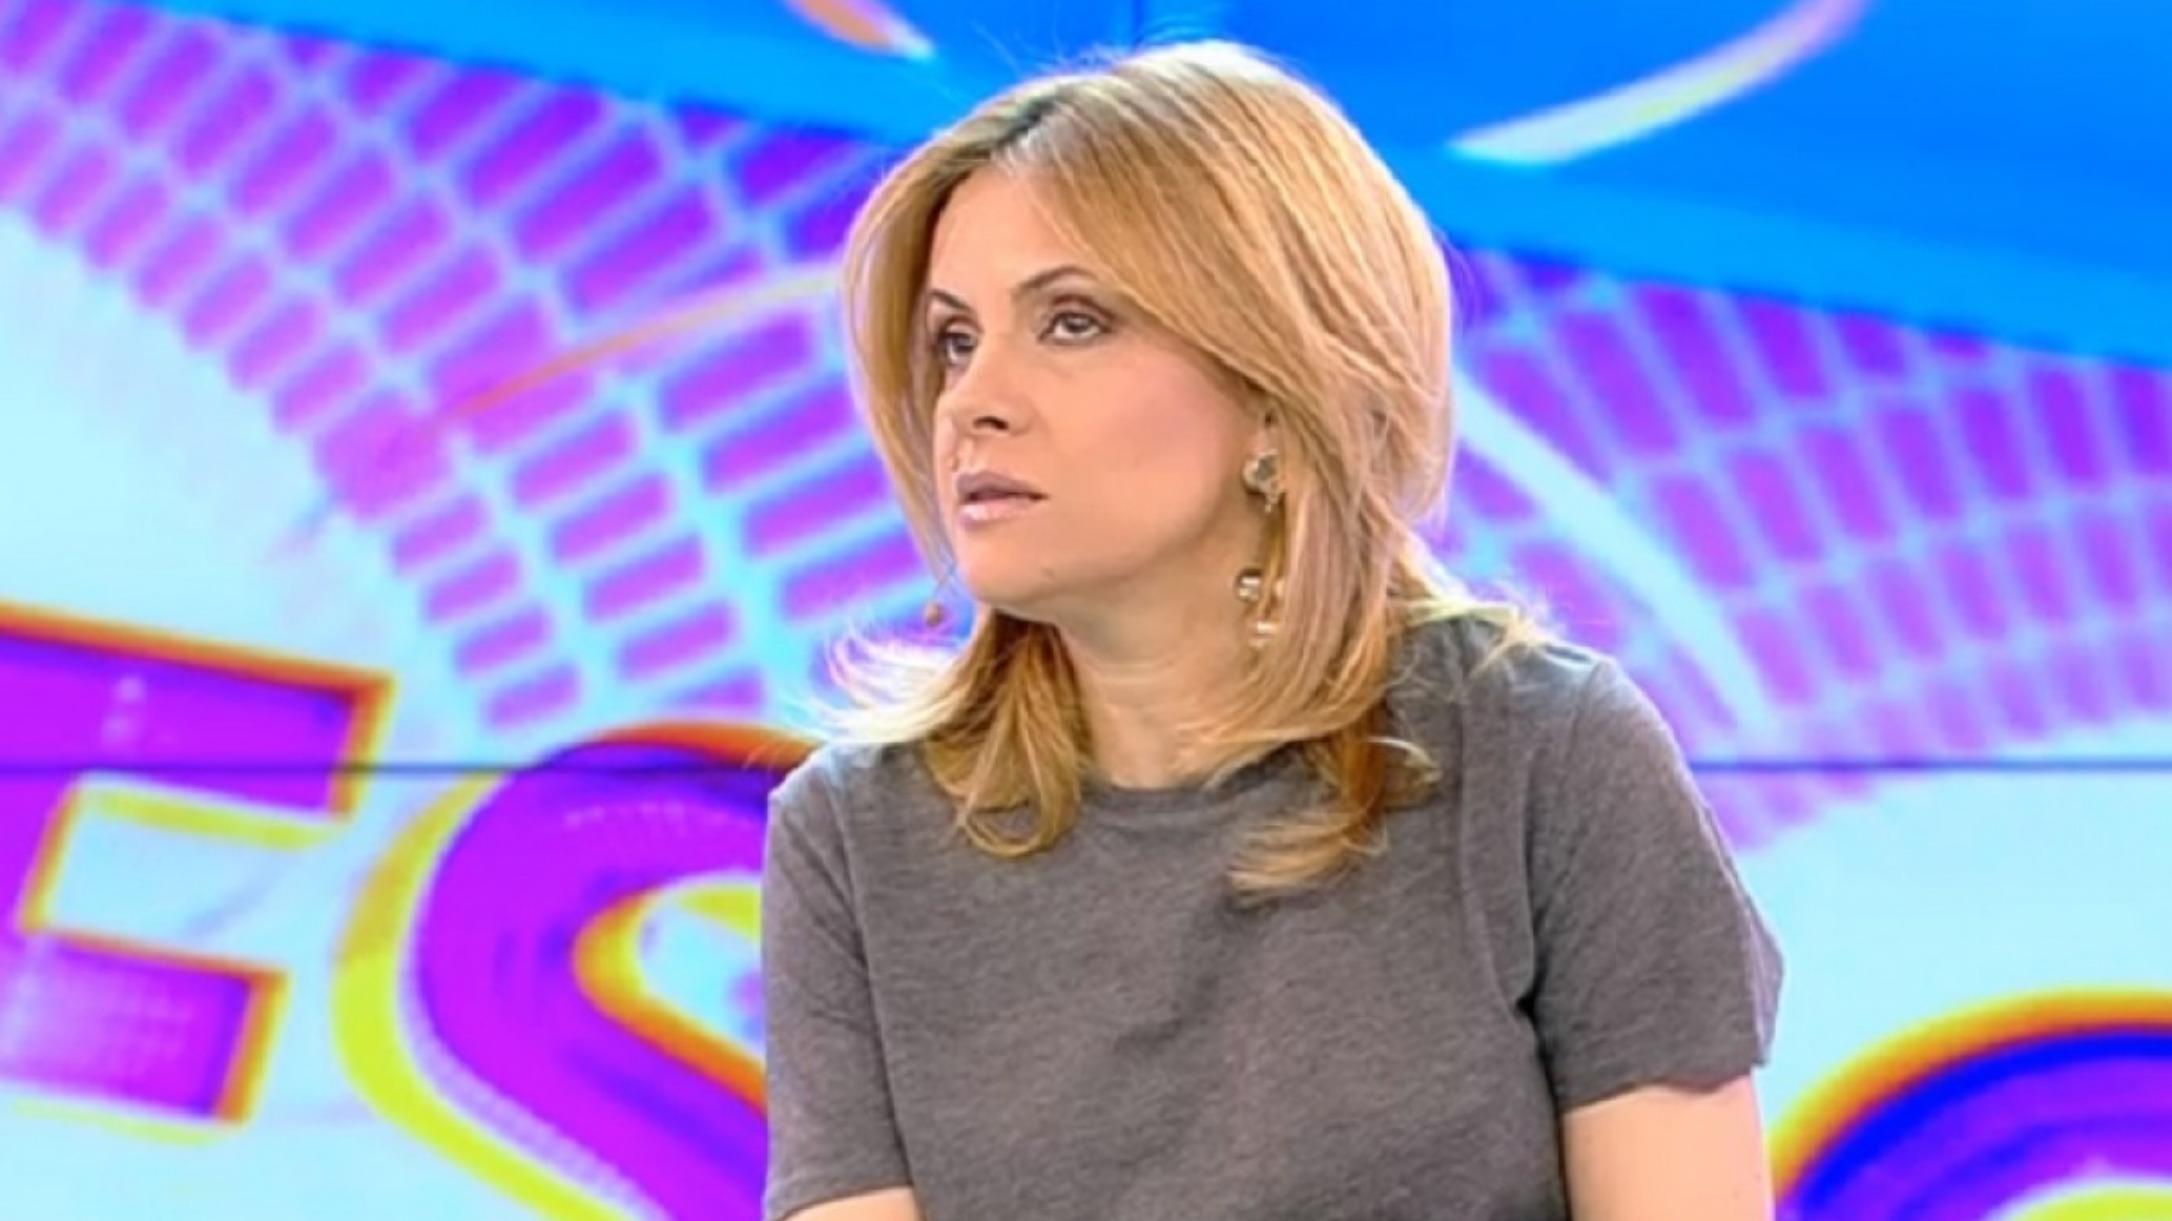 Simona Gherghe a trecut printr-un coșmar după ce a luat pastile pentru slăbit